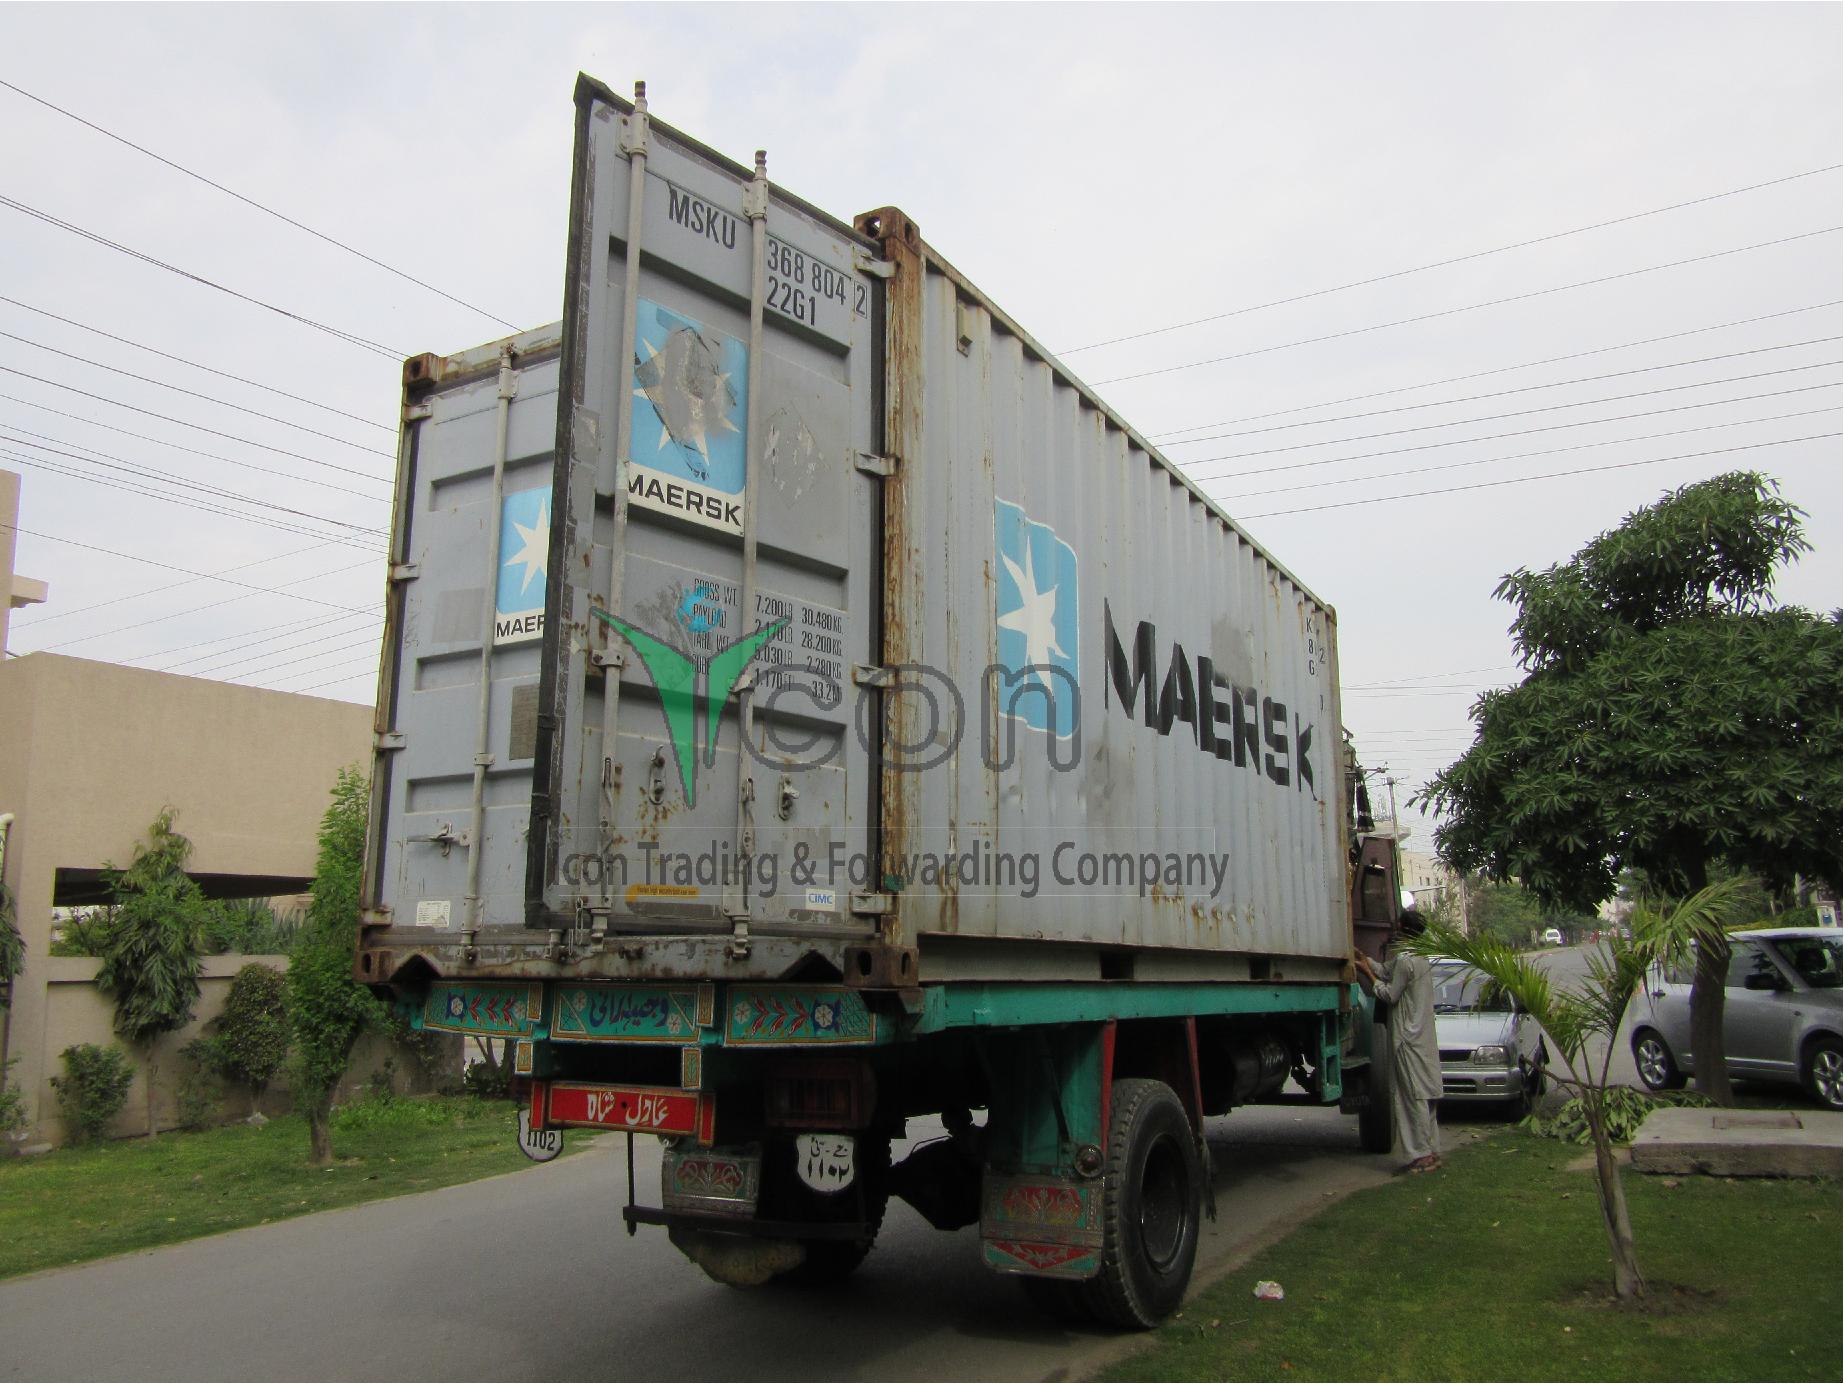 P.E Shipment